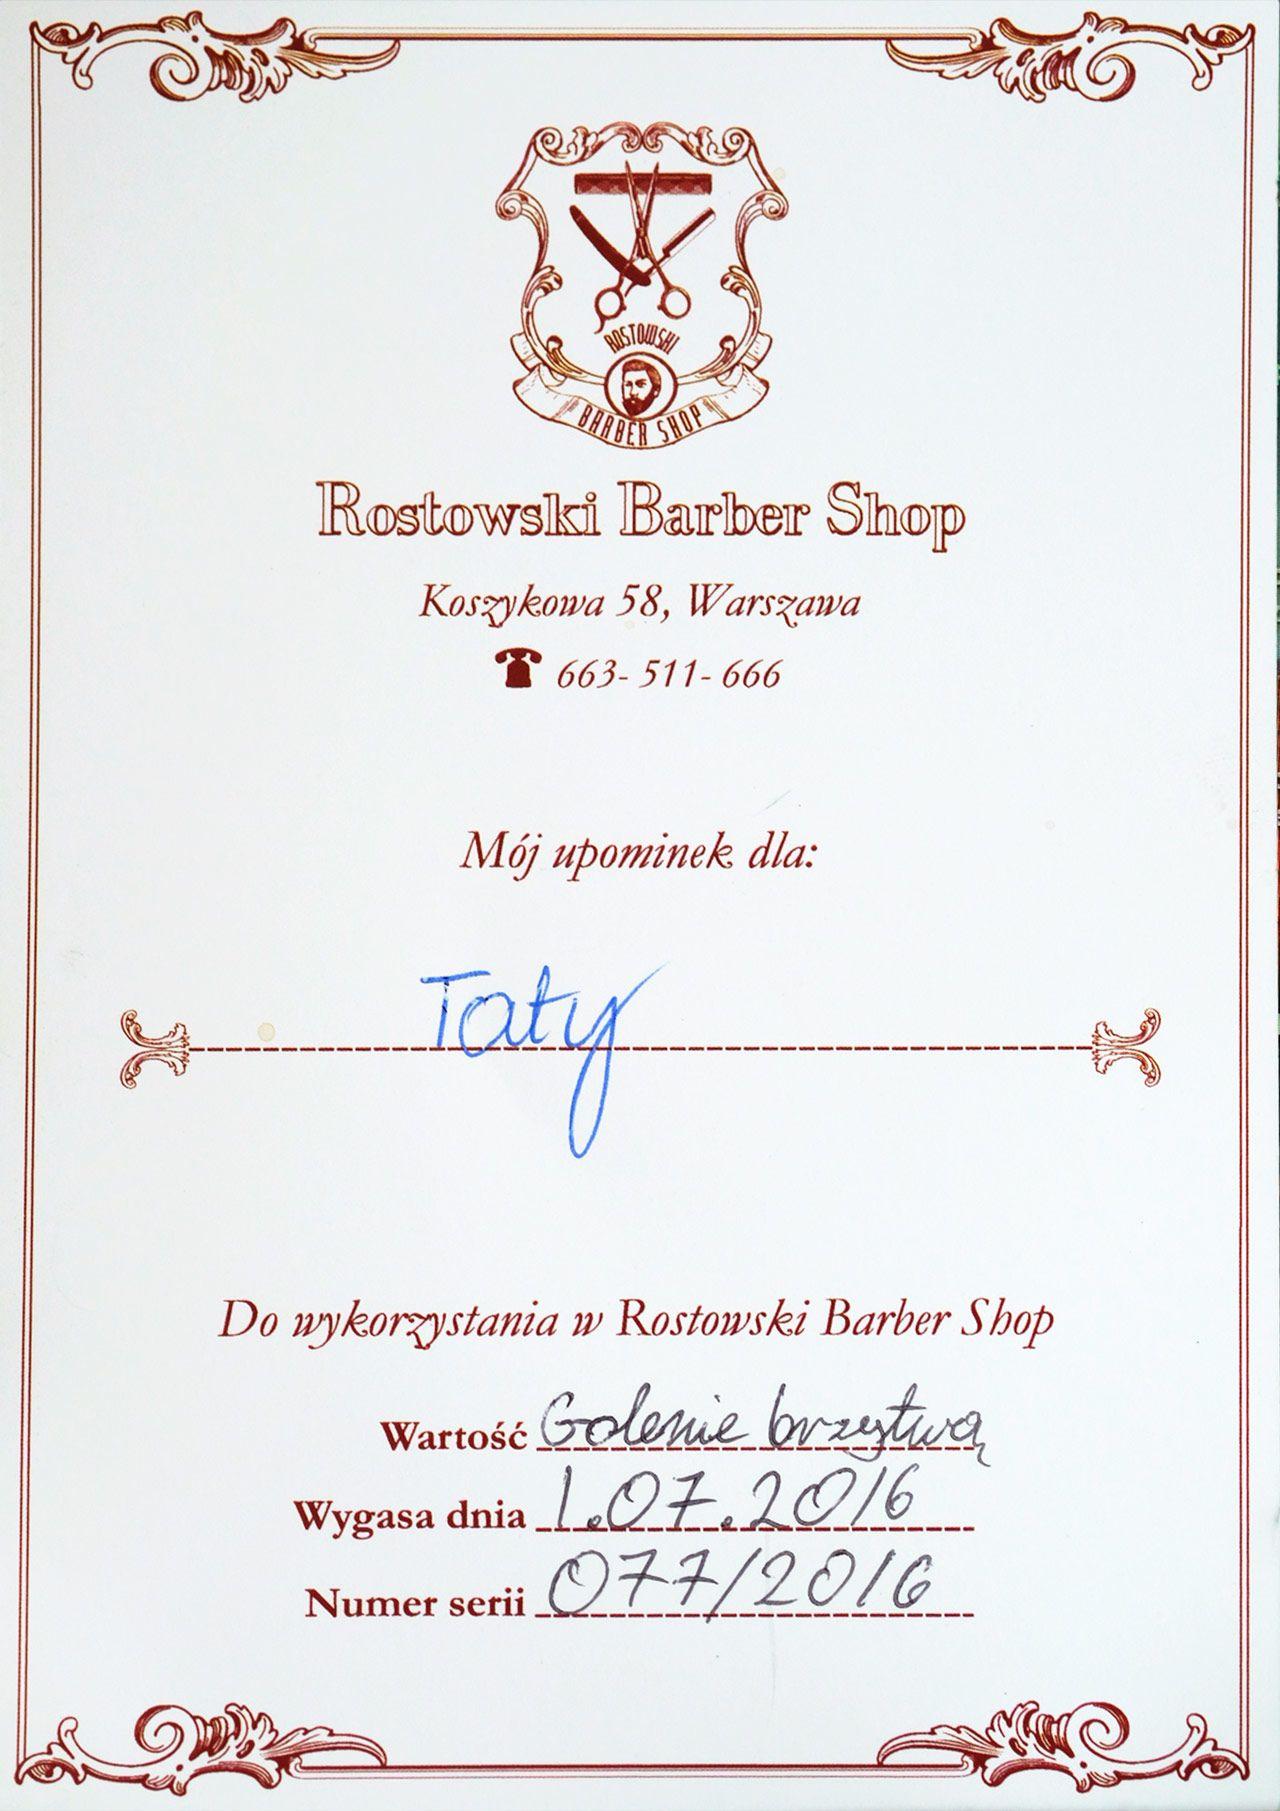 Rostowski Barber Voucher